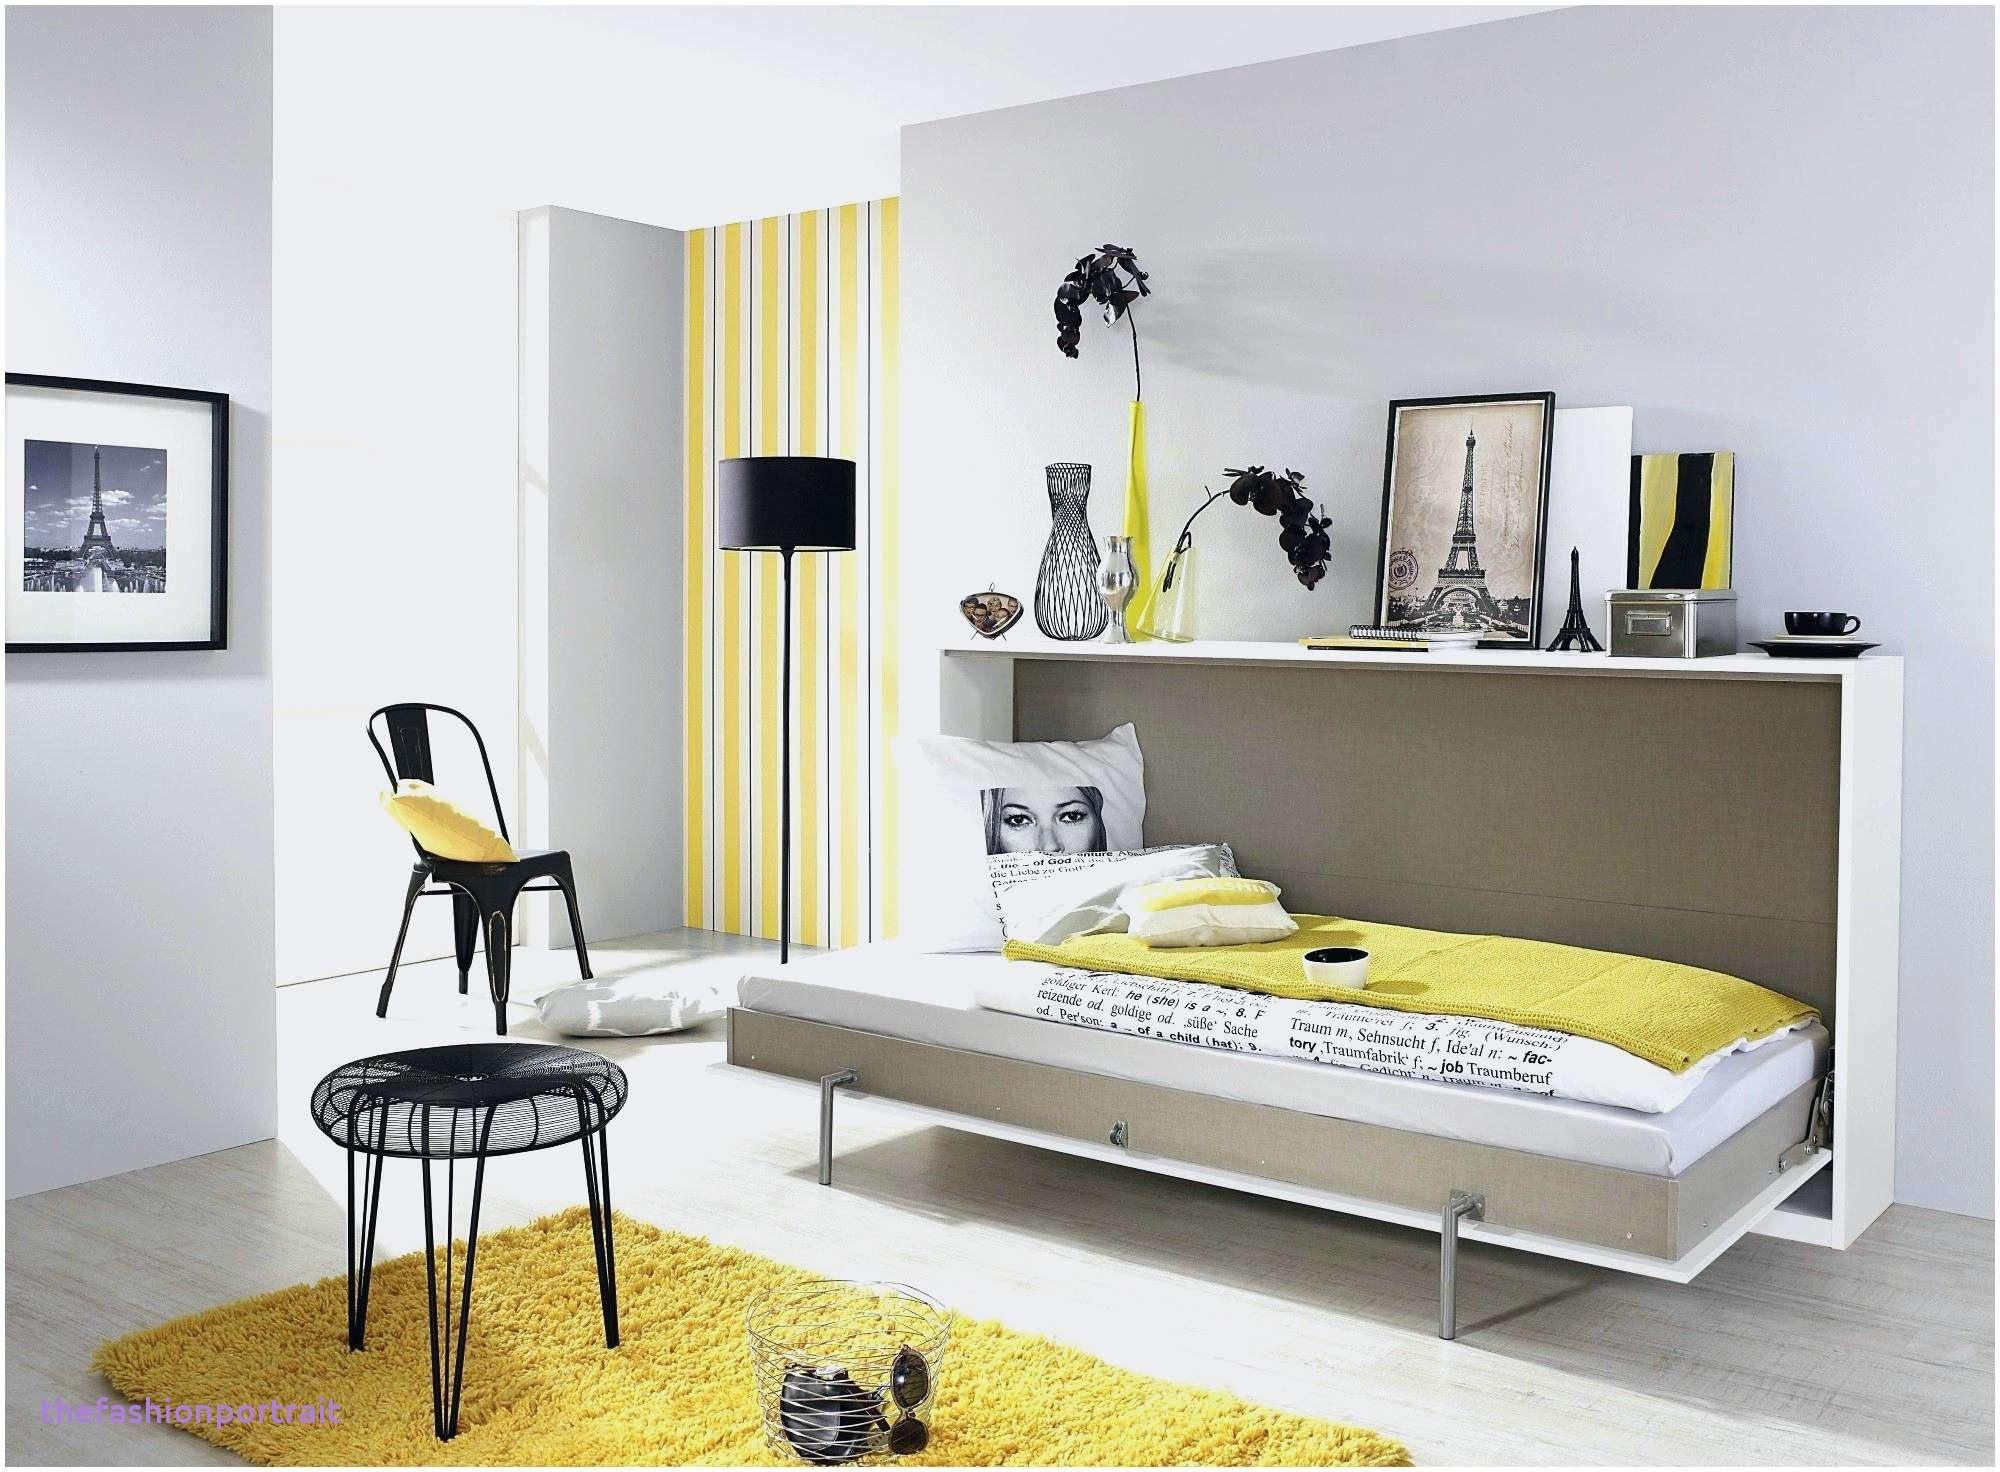 Lit 140x190 Ikea Frais Frais Schreibtisch Klappbar Wand Schreibtisch Ergonomie Stichworte